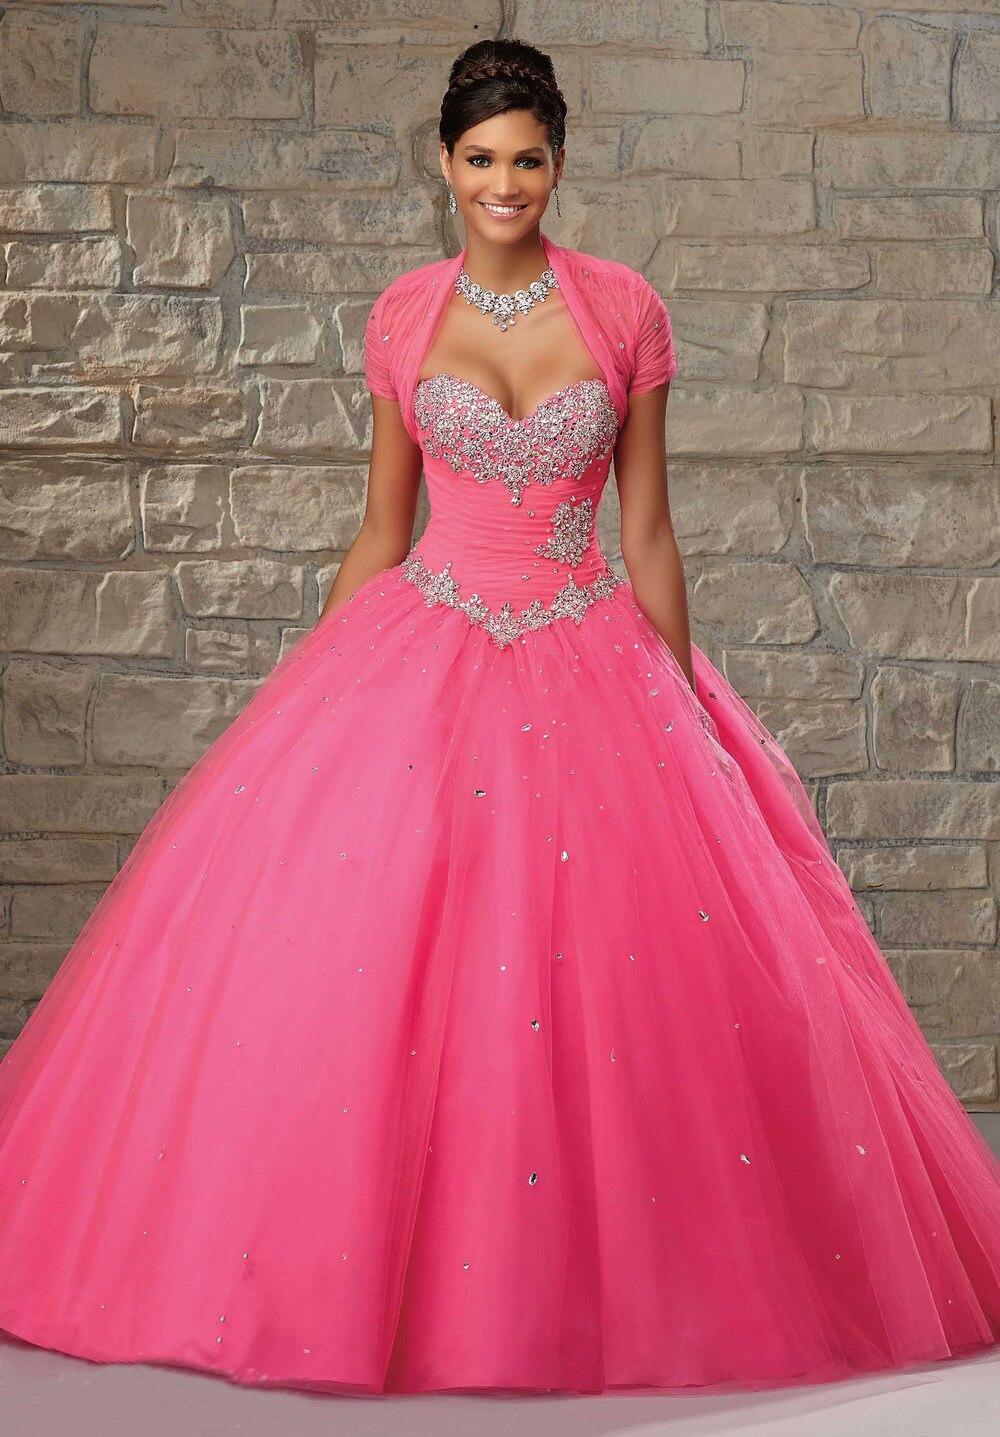 1a008b042 Hot Pink vestido para 15 años 2015 vestidos del Quinceanera bola de dos  piezas traje de quinceañera Organza vestido con la chaqueta en Vestidos de  ...